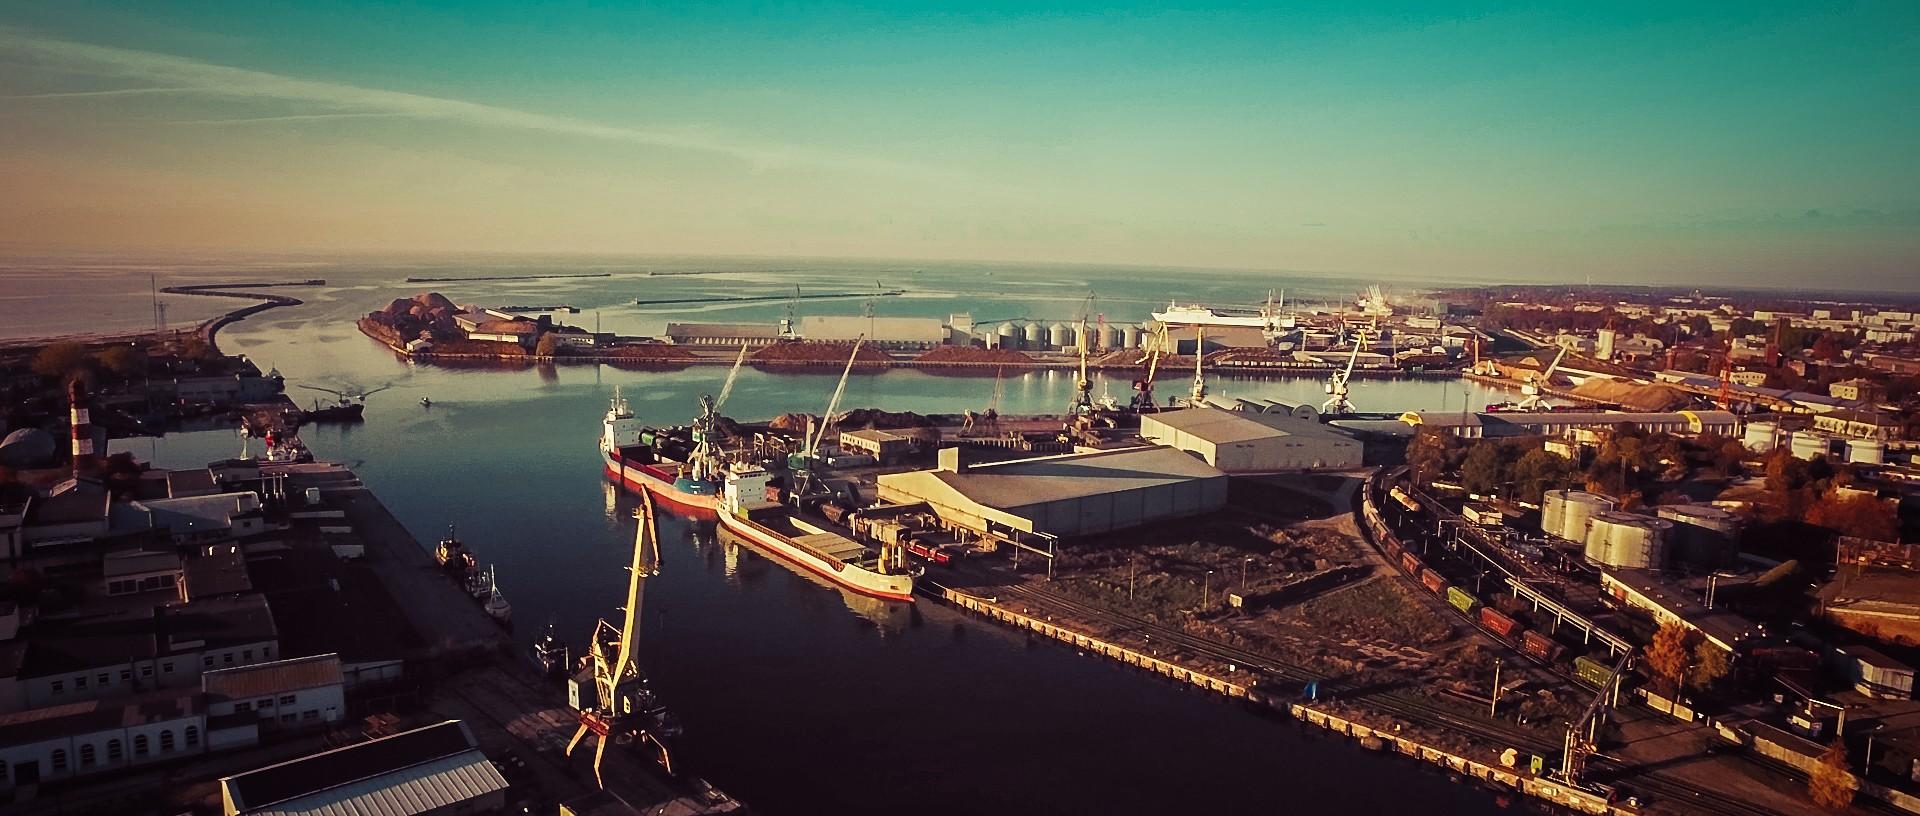 Ostā gatavojas īstenot vairāk nekā 6 miljonu eiro vērtus projektus